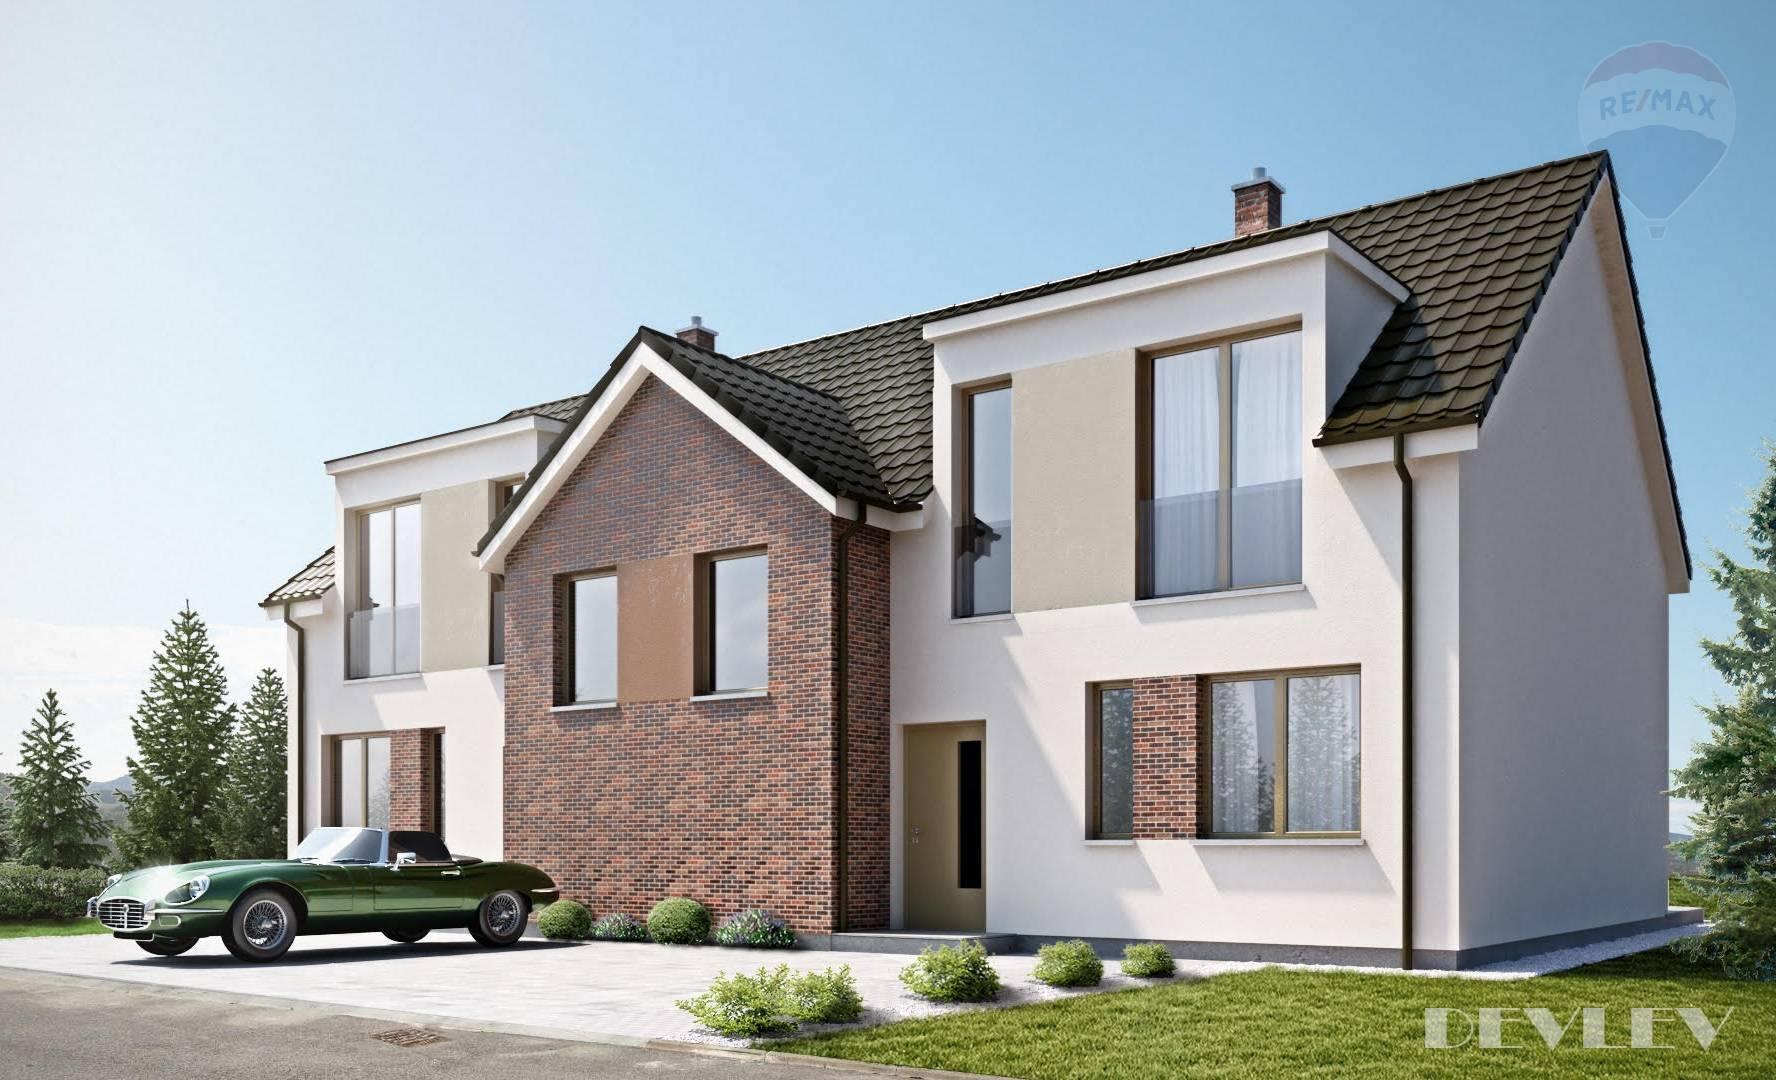 Predaj 5 izbový mezonetový byt v rodinnom dome, 120 m2,  Vlastný pozemok, Novostavba, Jarovce